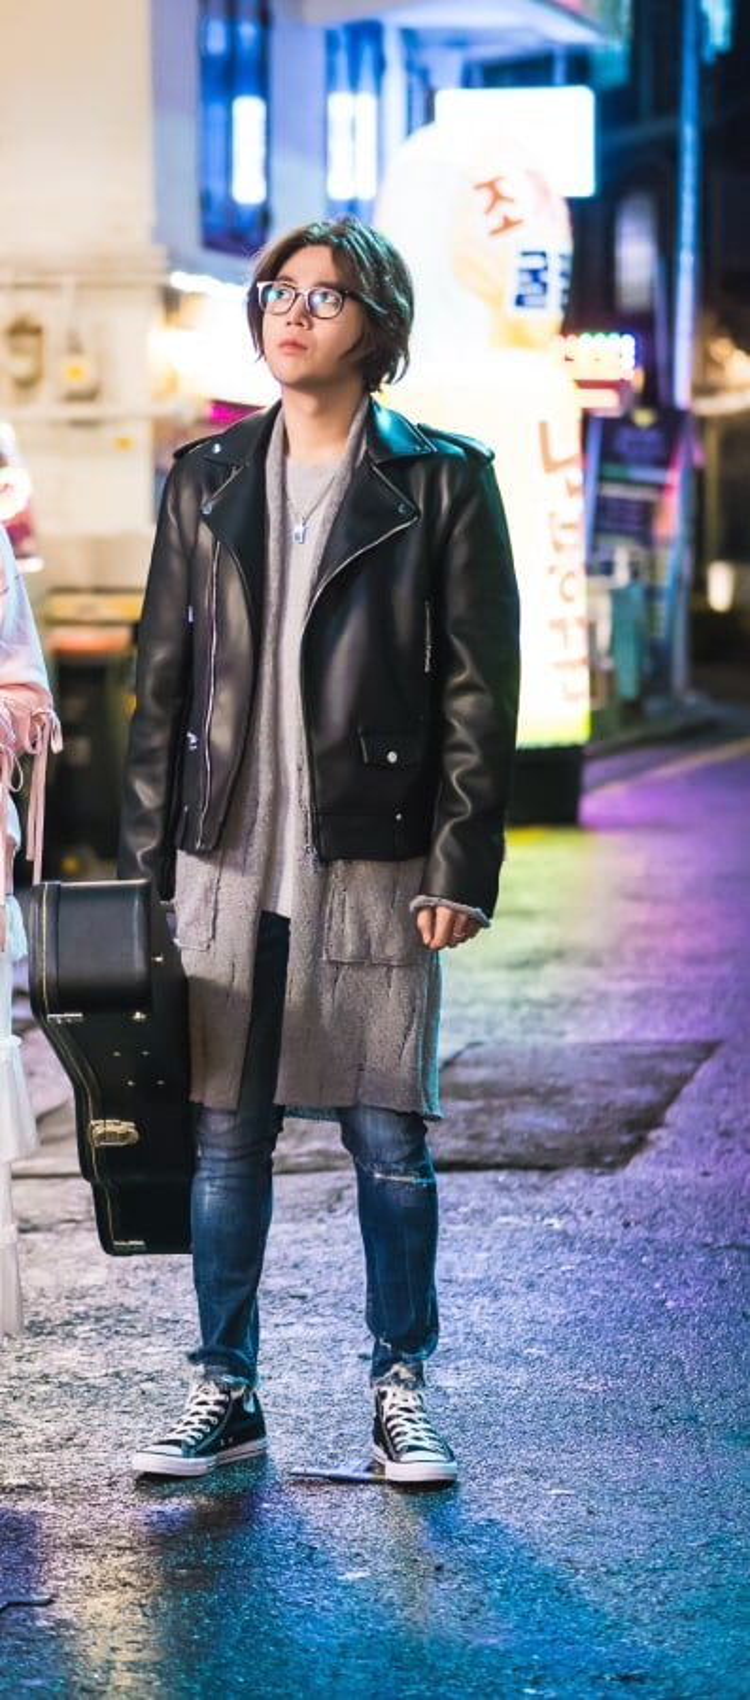 Diễn viên Cô nàng đẹp trai cố cải trang thành một nghệ sĩ đường phố, cầm một chiếc guitar đen và mặc áo khoác da với mái tóc nhuộm màu nâu.